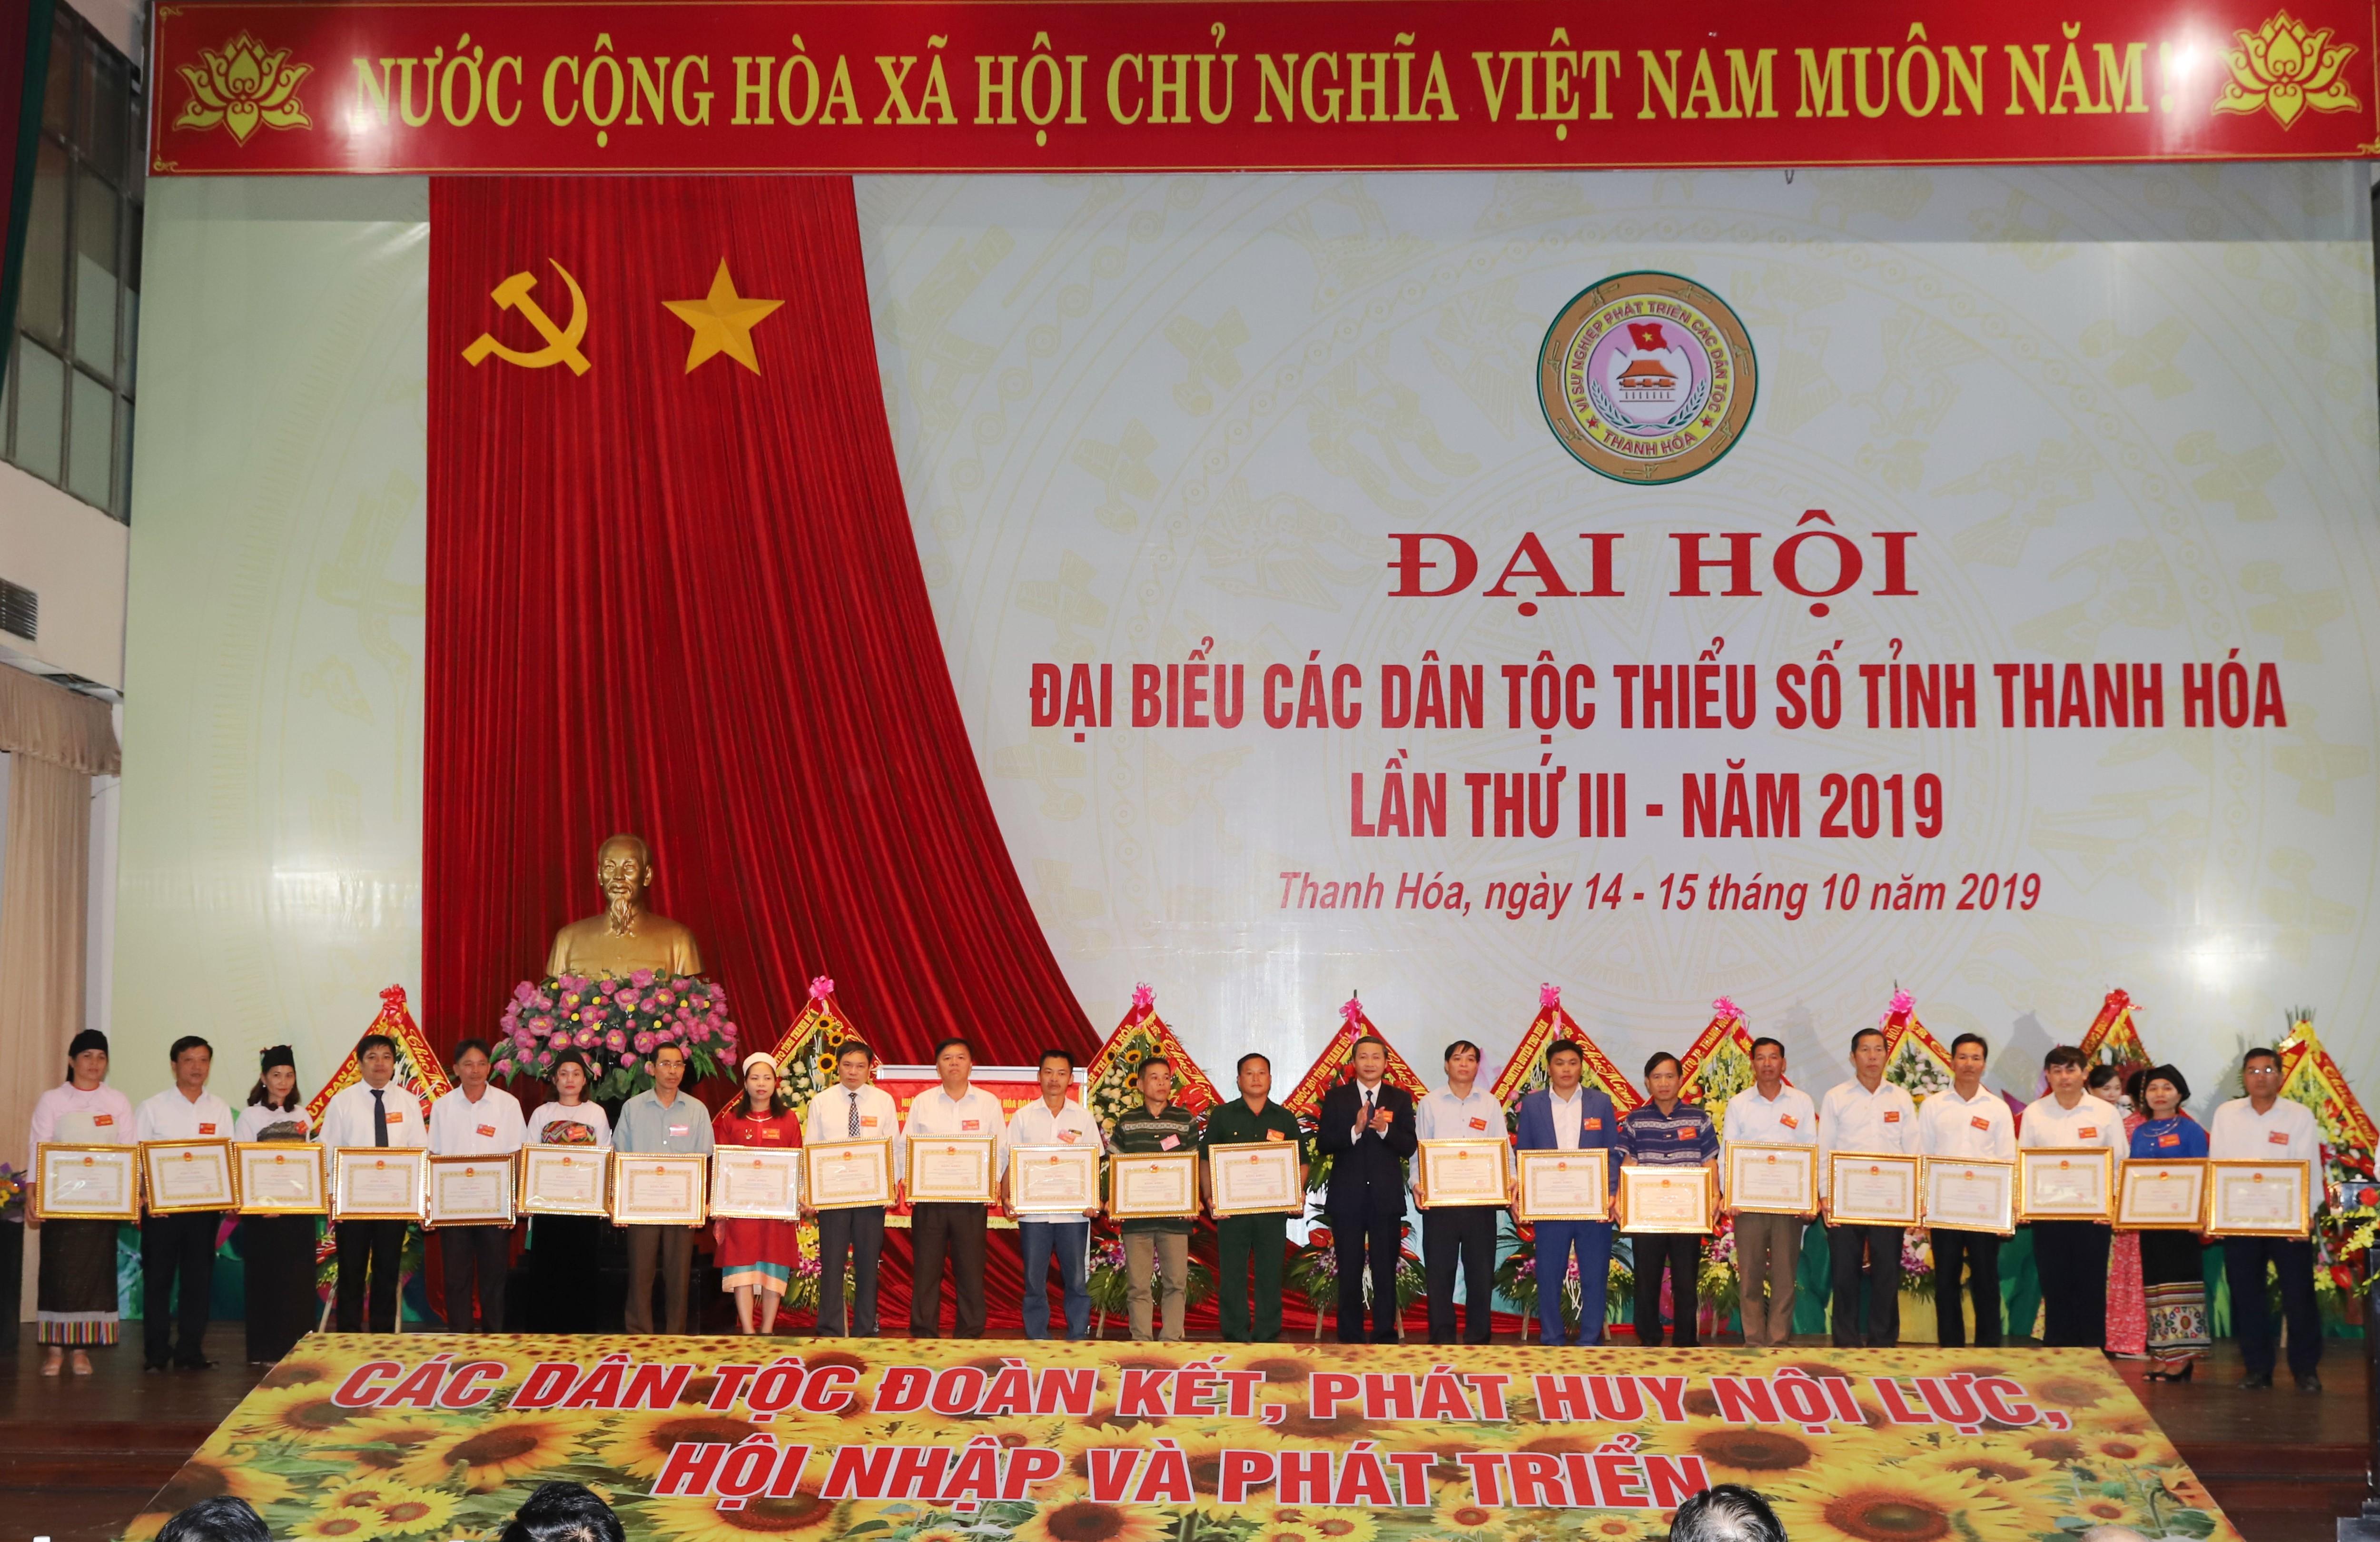 Đại diện lãnh đạo tỉnh Thanh Hóa trao Bằng khen của UBND tỉnh cho 25 tập thể và 232 cá nhân tiêu biểu xuất sắc